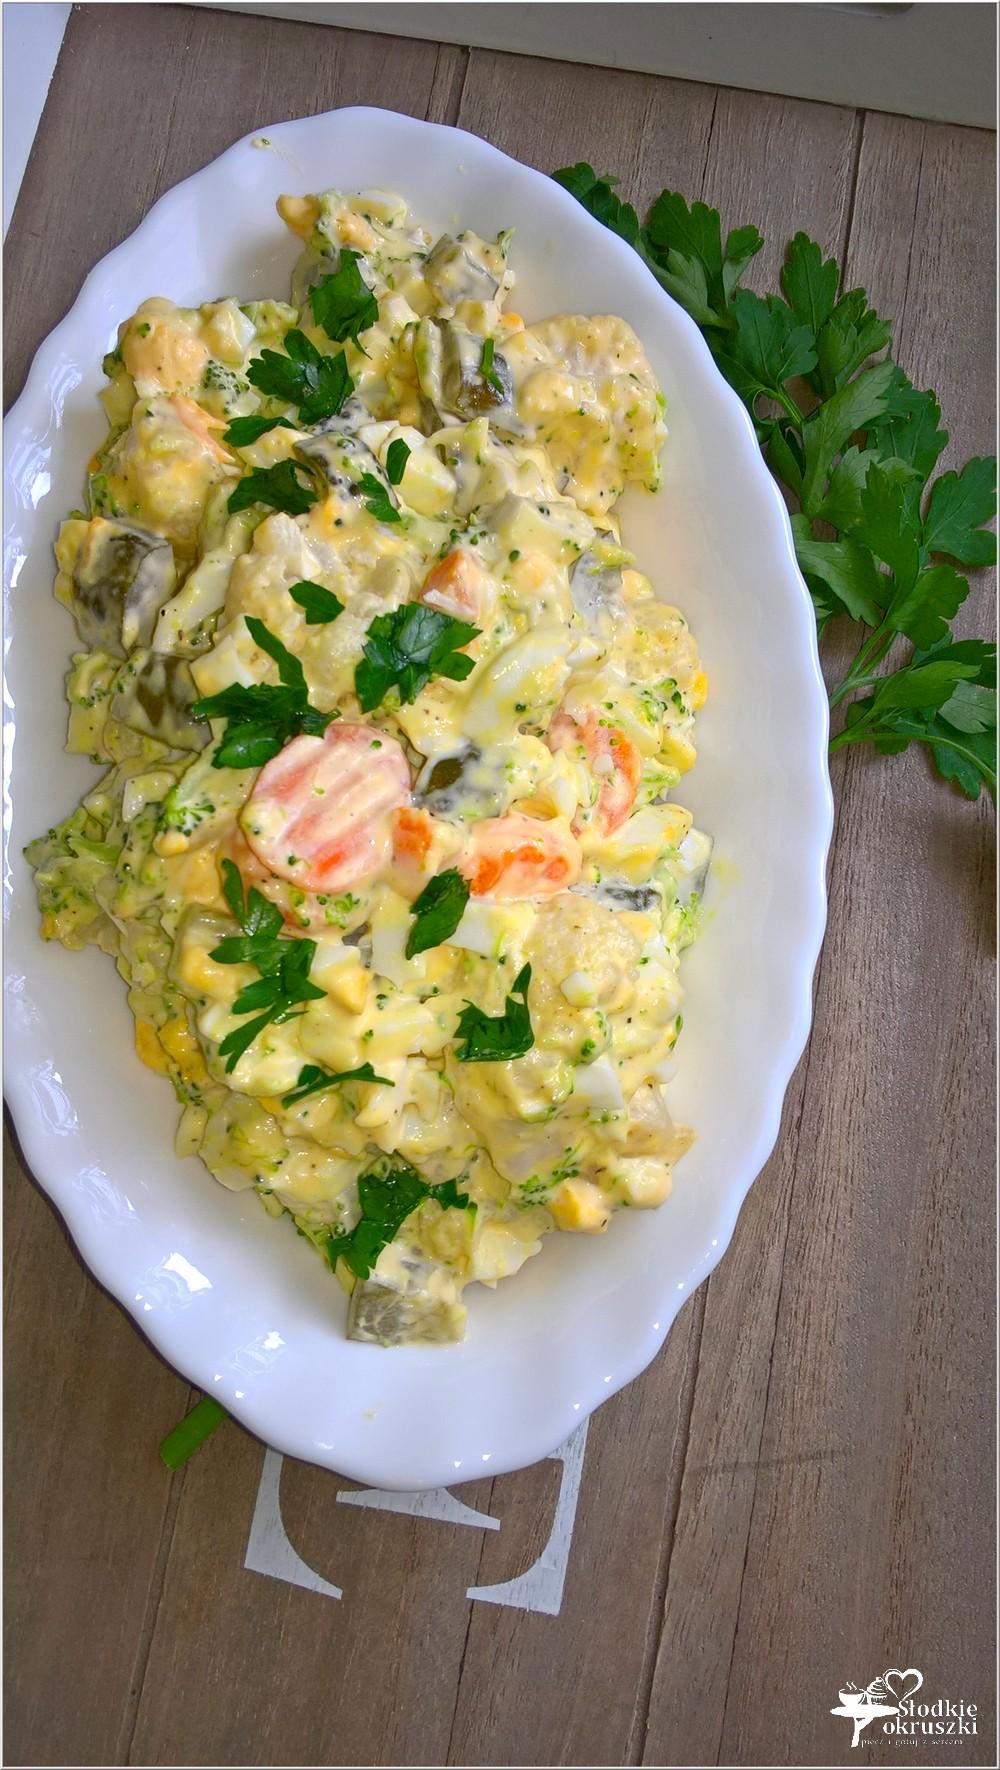 Szybka sałatka z brokułem, kalafiorem i ogórkami (1)